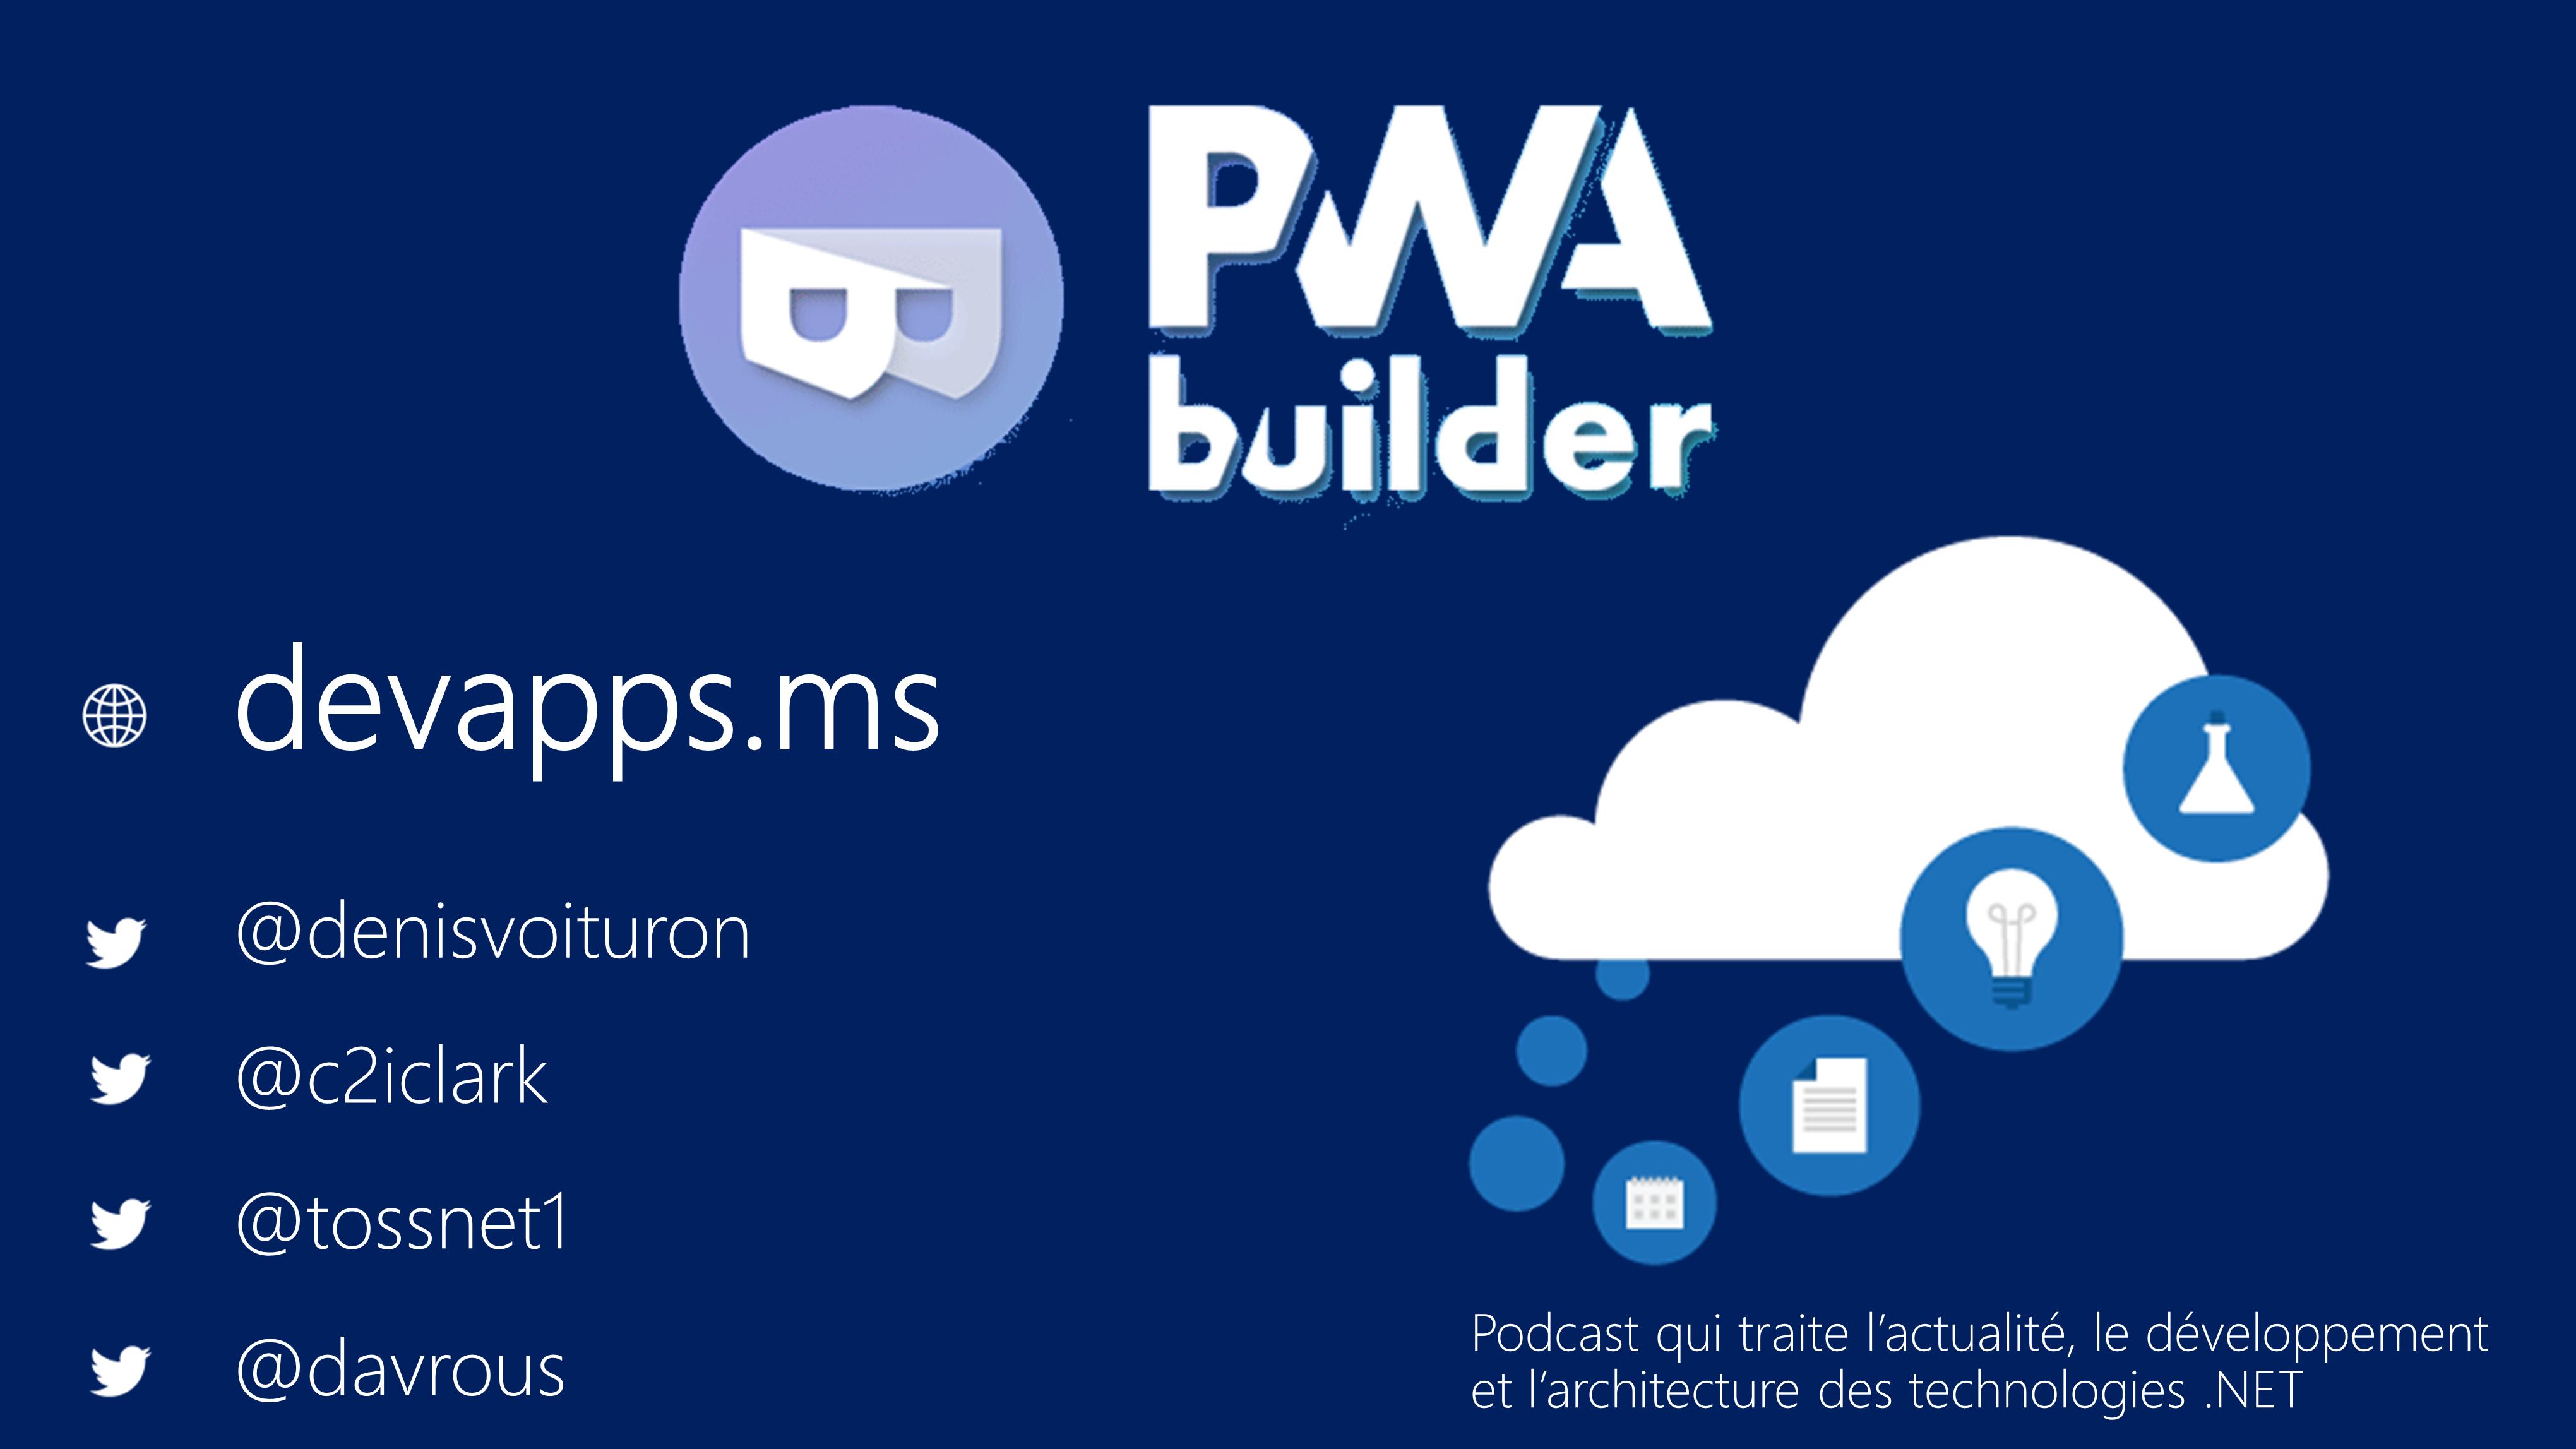 #71 PWA Builder